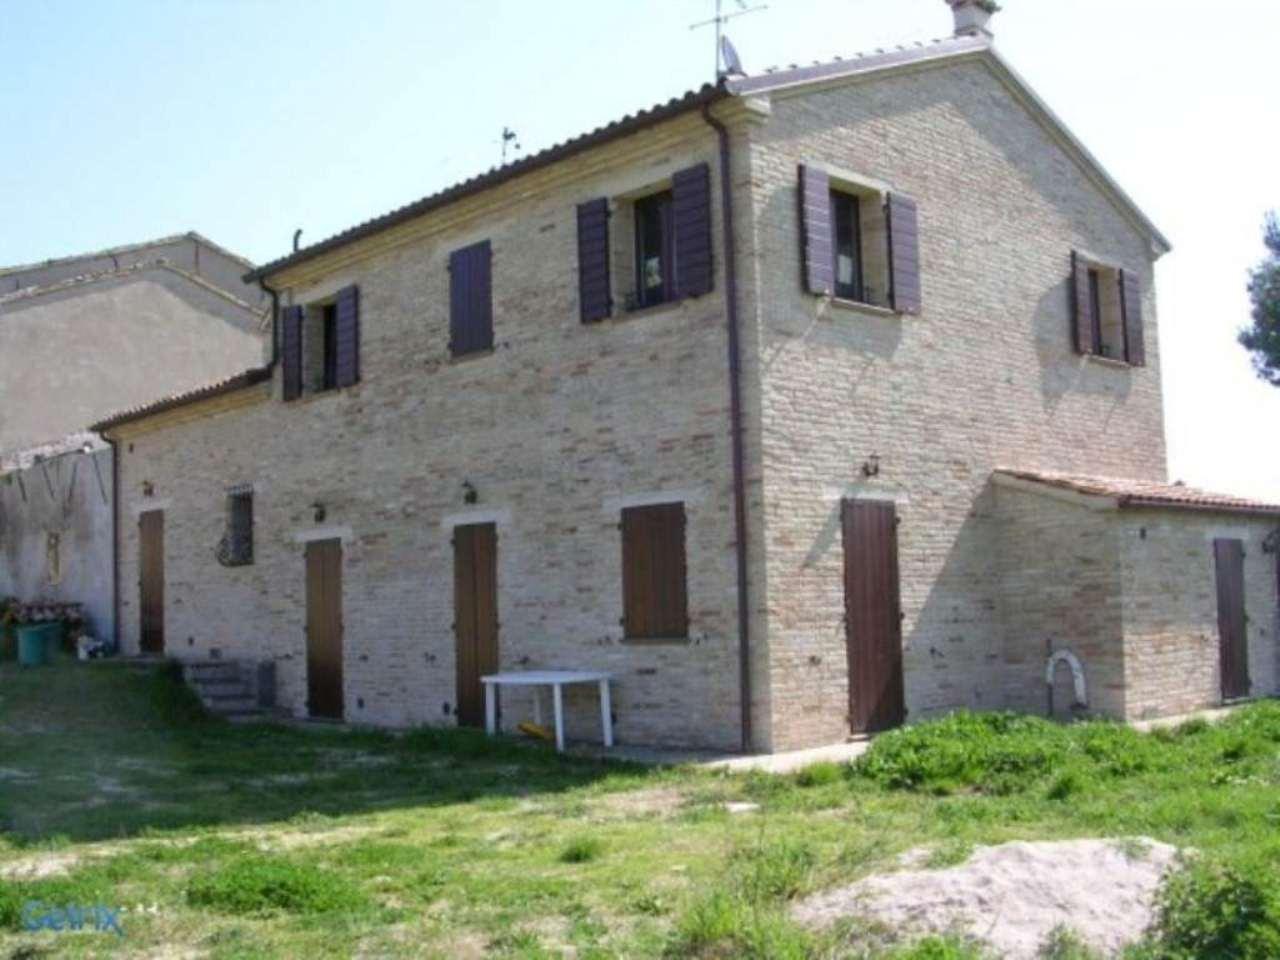 Rustico / Casale in vendita a Pesaro, 8 locali, prezzo € 450.000 | Cambio Casa.it